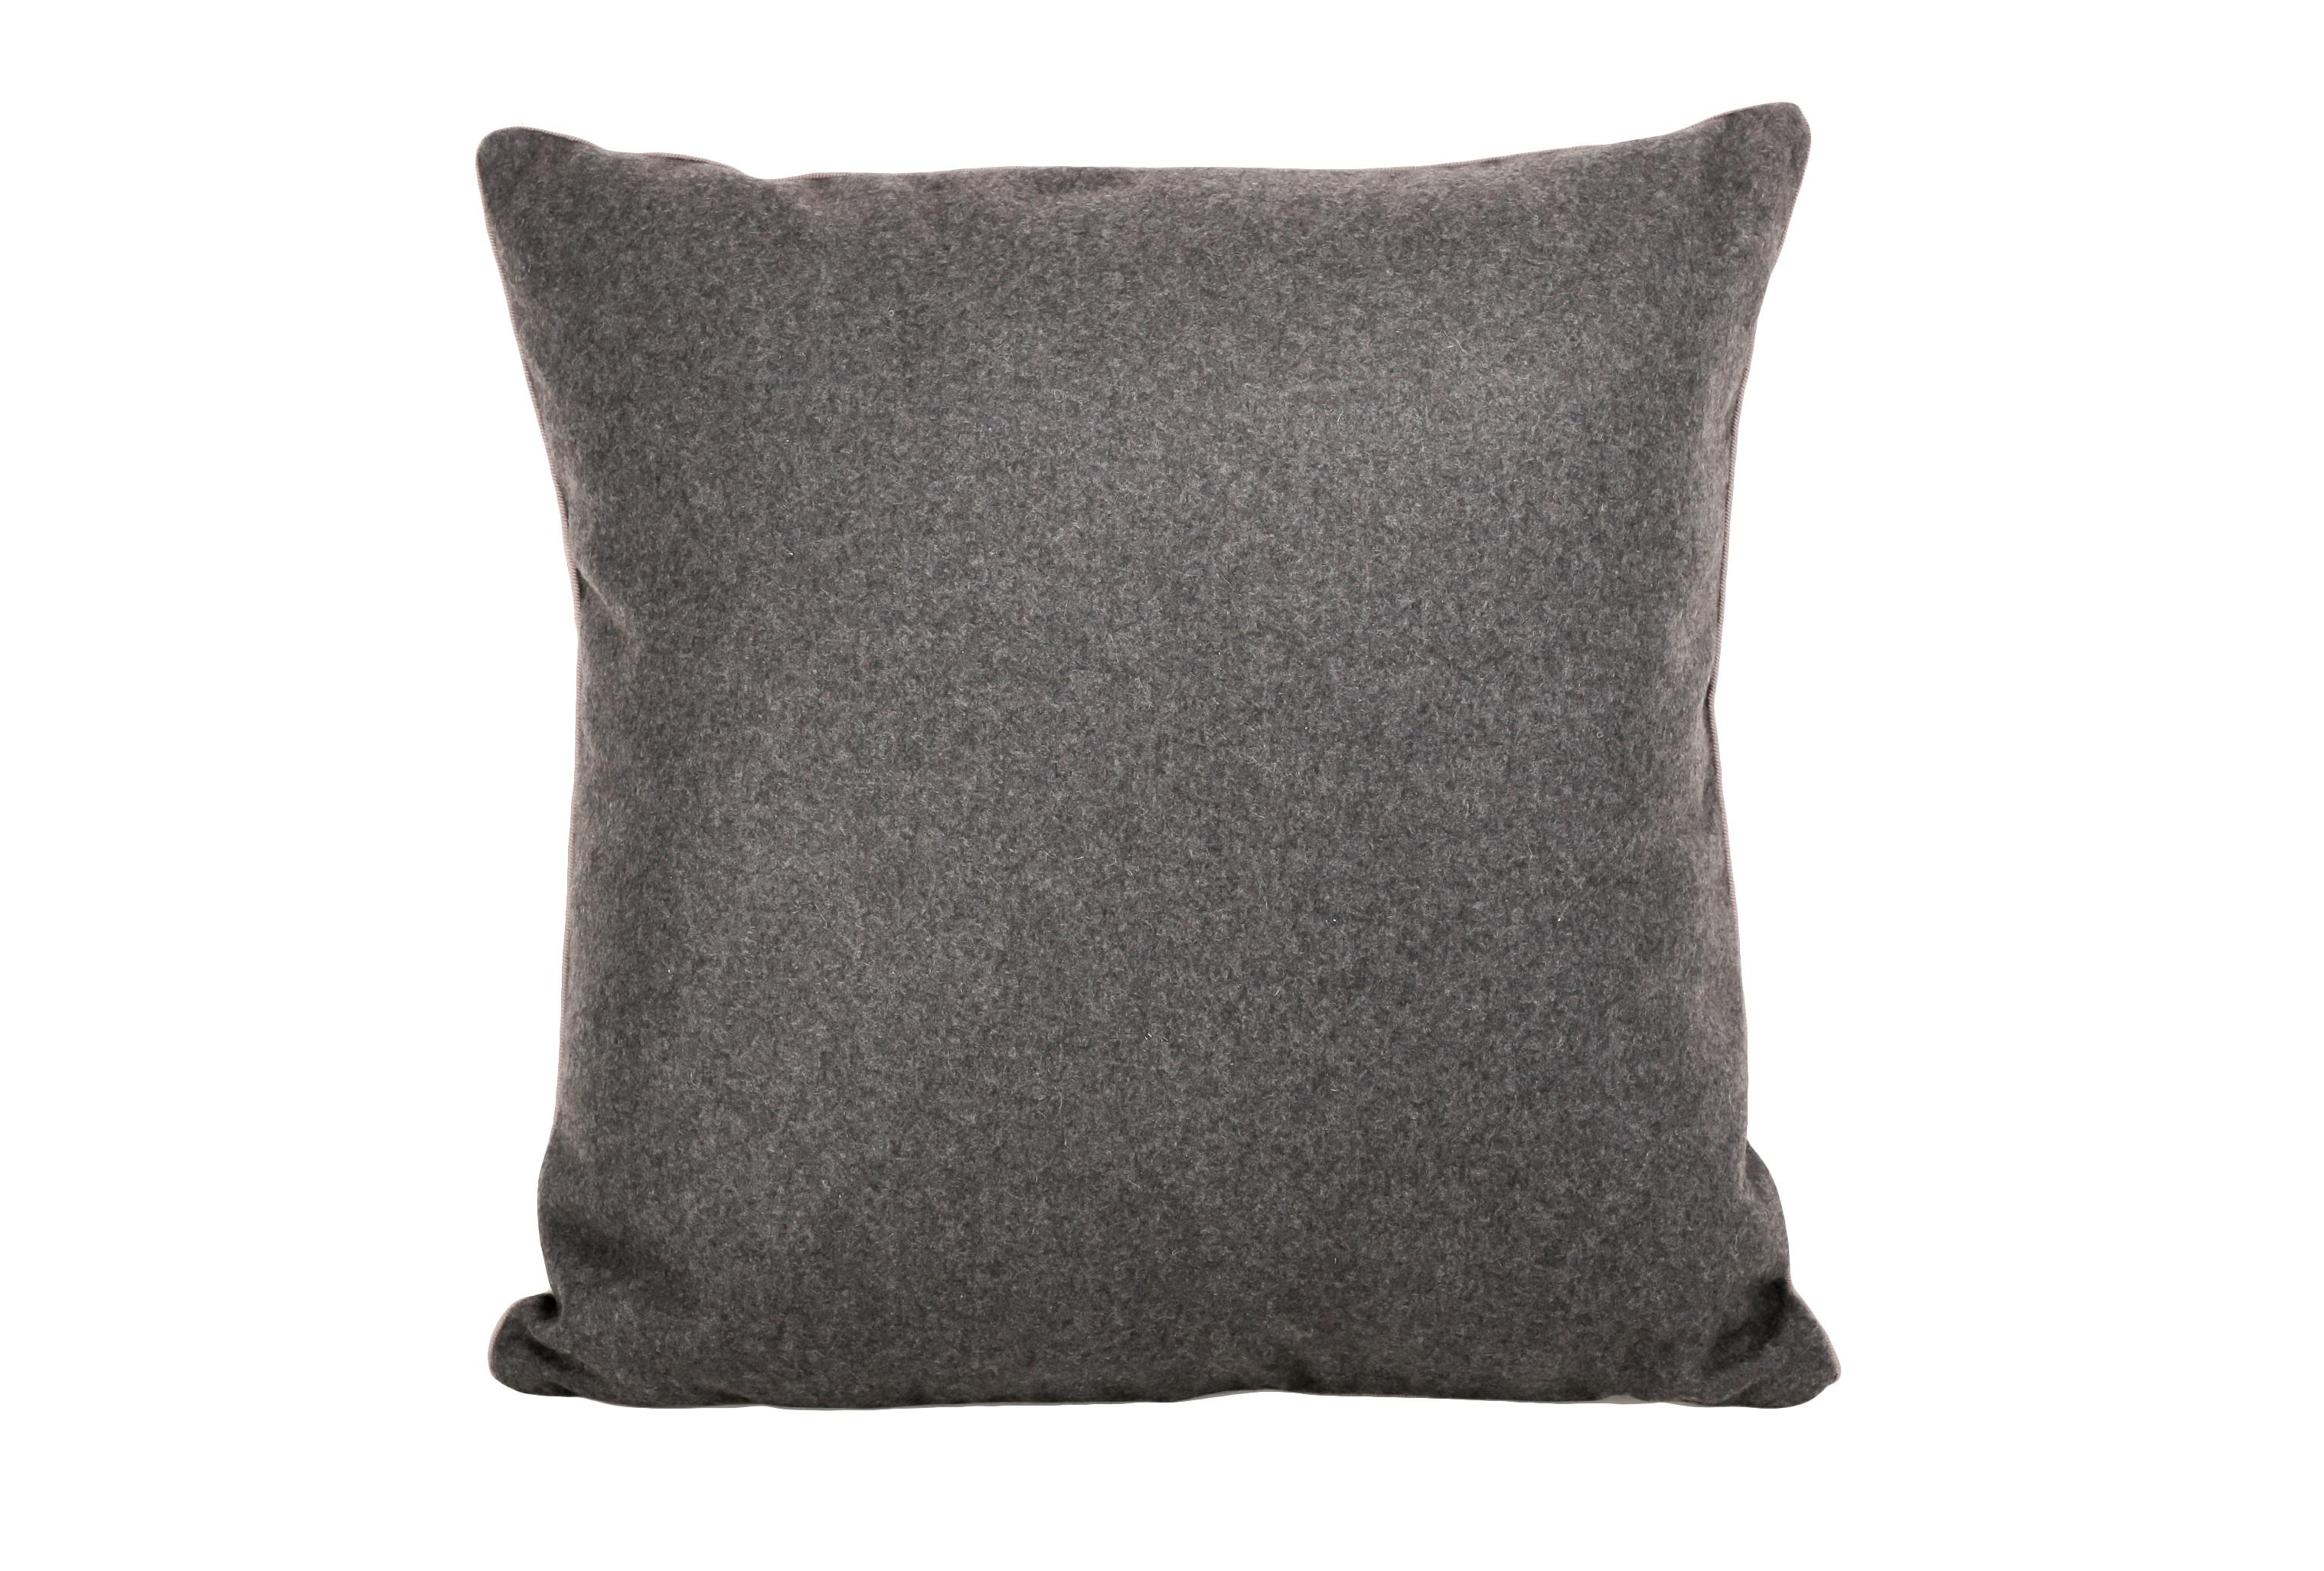 ПодушкаКвадратные подушки и наволочки<br>Декоративные чехлы для подушек.<br><br>Material: Текстиль<br>Width см: 45<br>Height см: 45